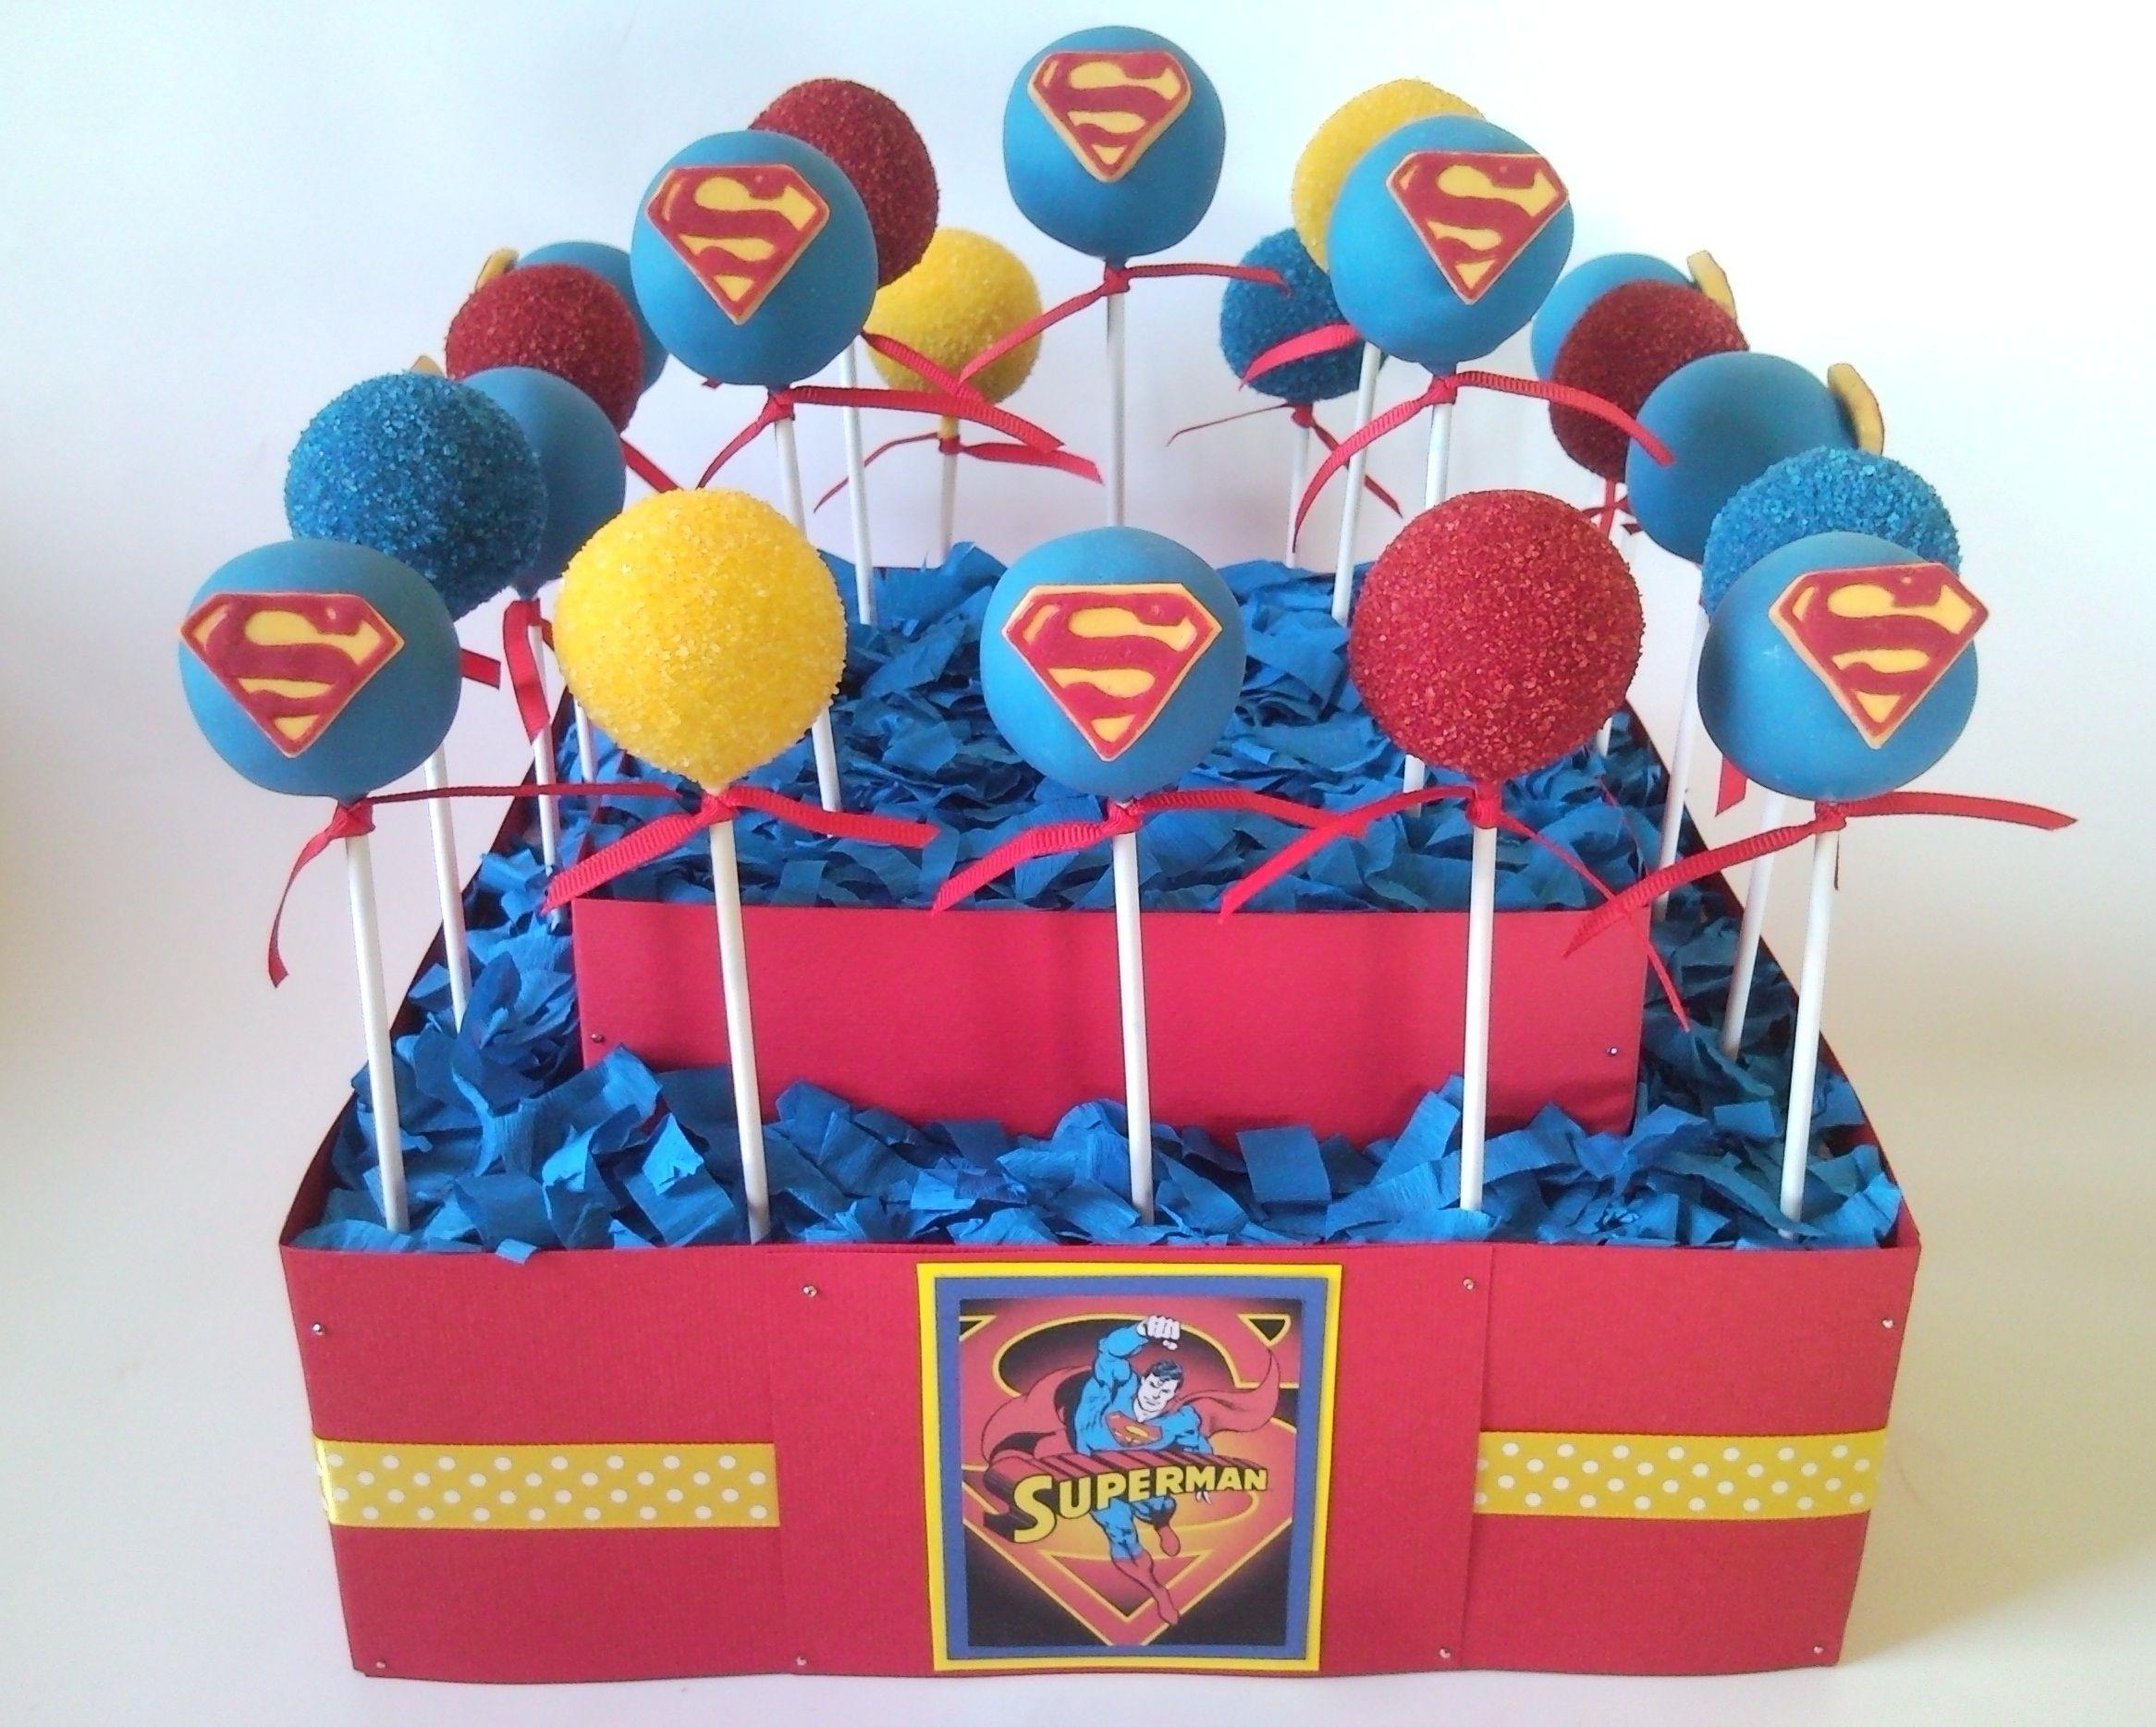 Superman Cakepops Cake Pops Cake Balls Superhero Cake Pops Superman Birthday Party Cake Pop Displays